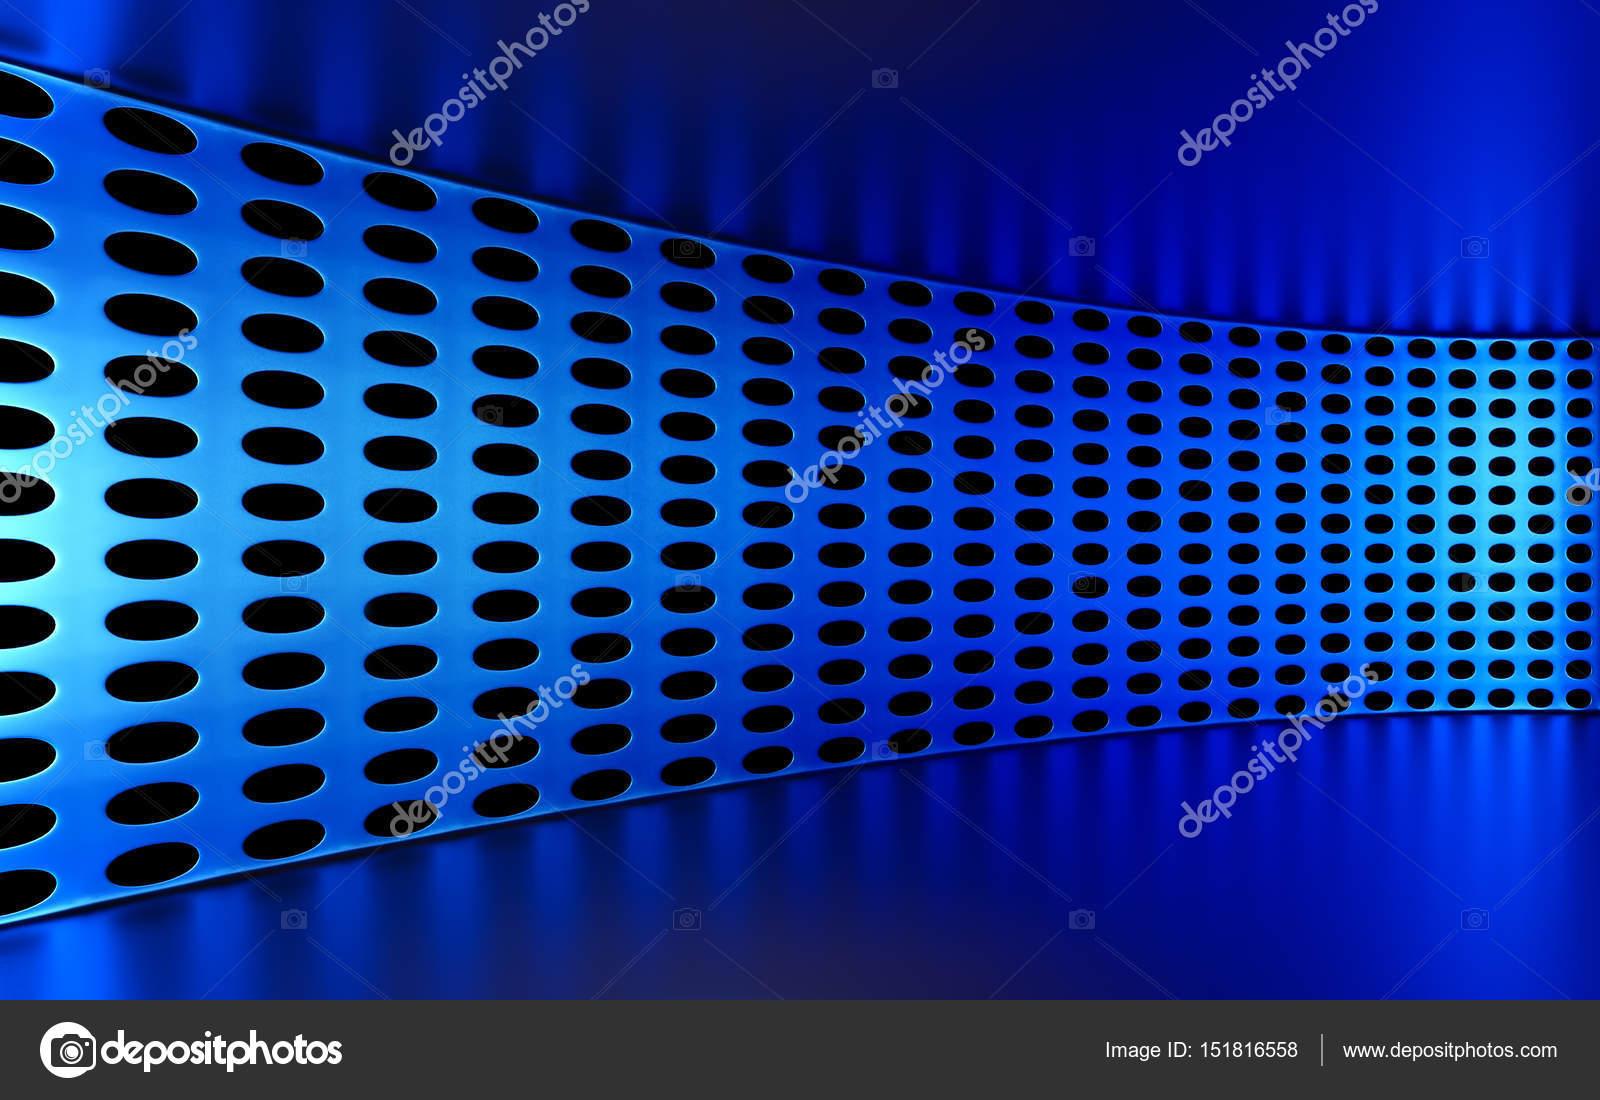 抽象, 3d, 几何的蓝色背景.白色的质地,带阴影.3d 渲染